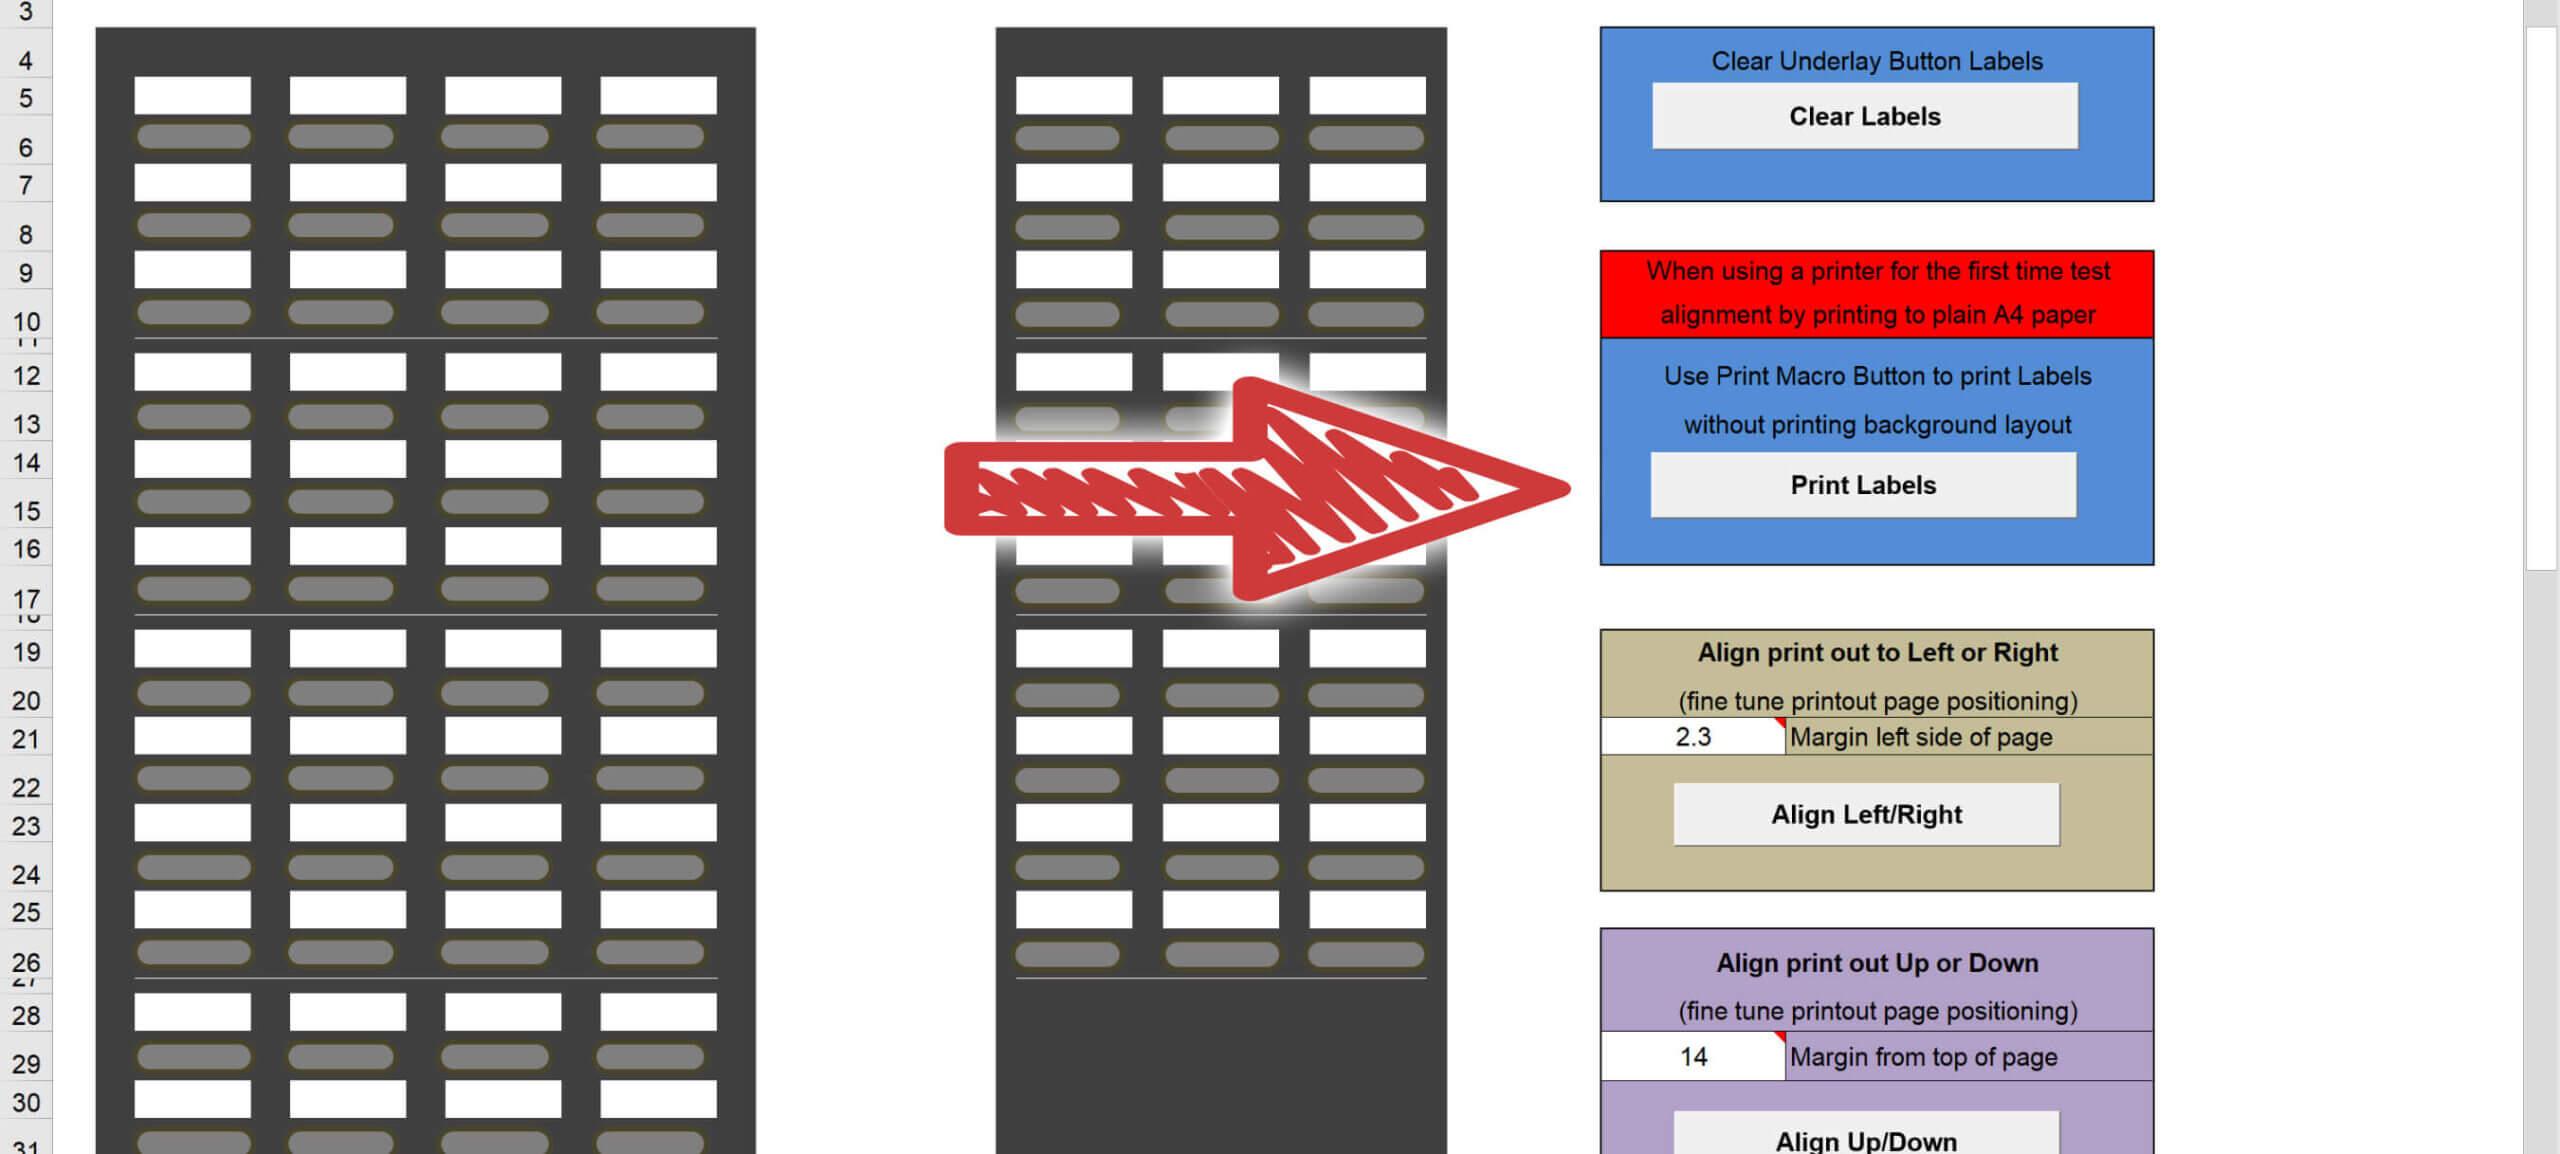 Ipecs Phone Handset Label Printing Guide – Infiniti With Avaya Phone Label Template